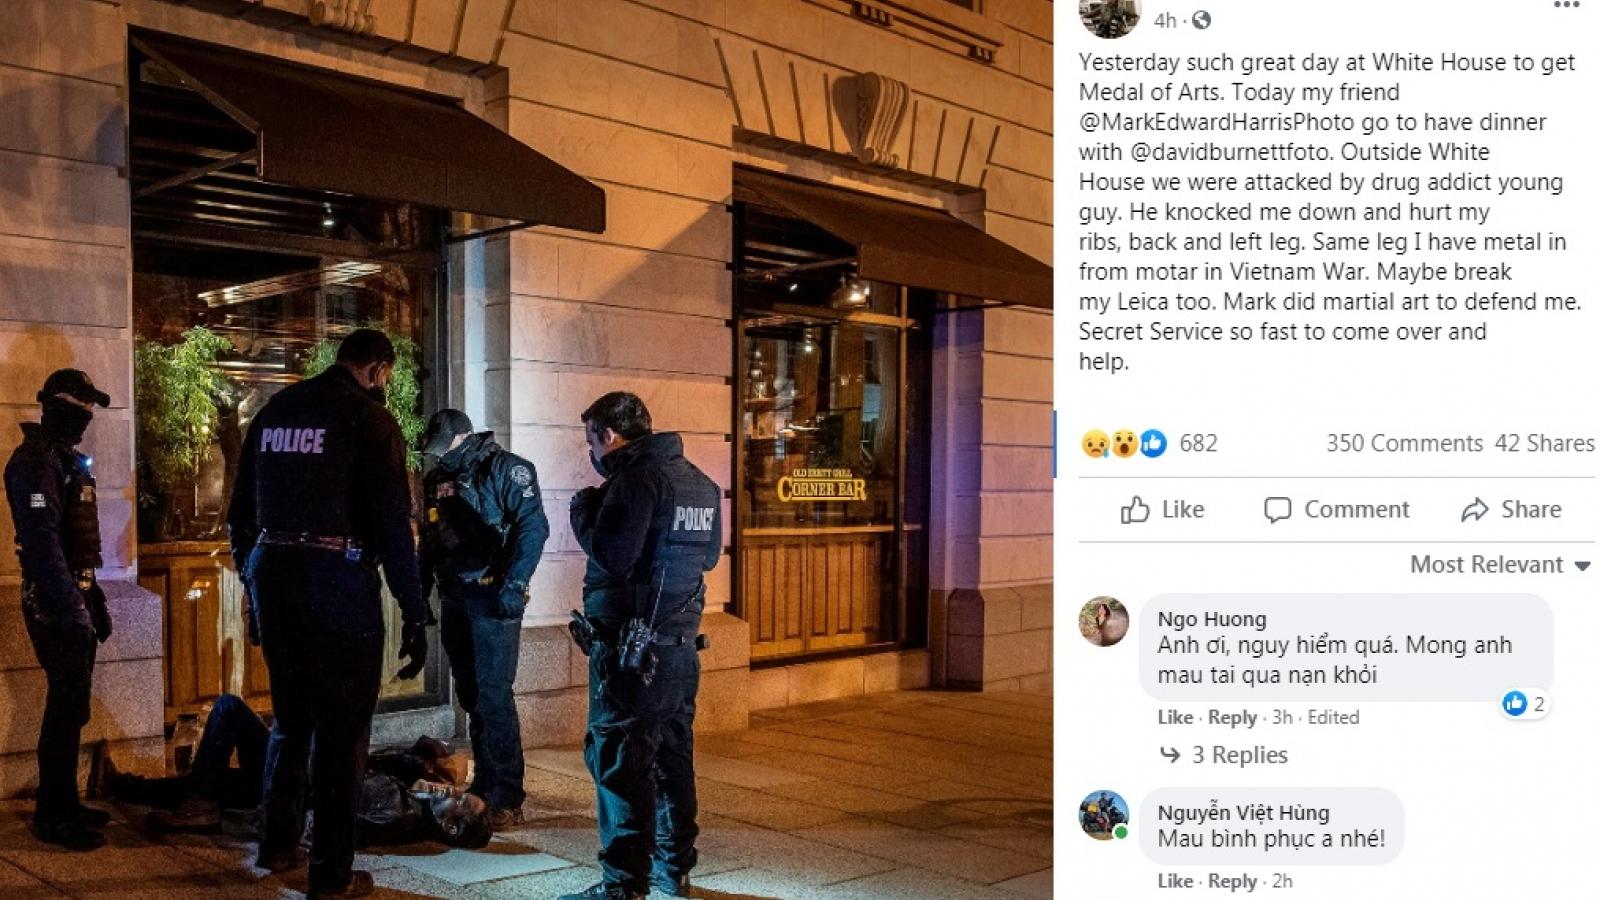 Nhiếp ảnh gia chiến trường Nick Út bị gã nghiện hành hung tại Mỹ